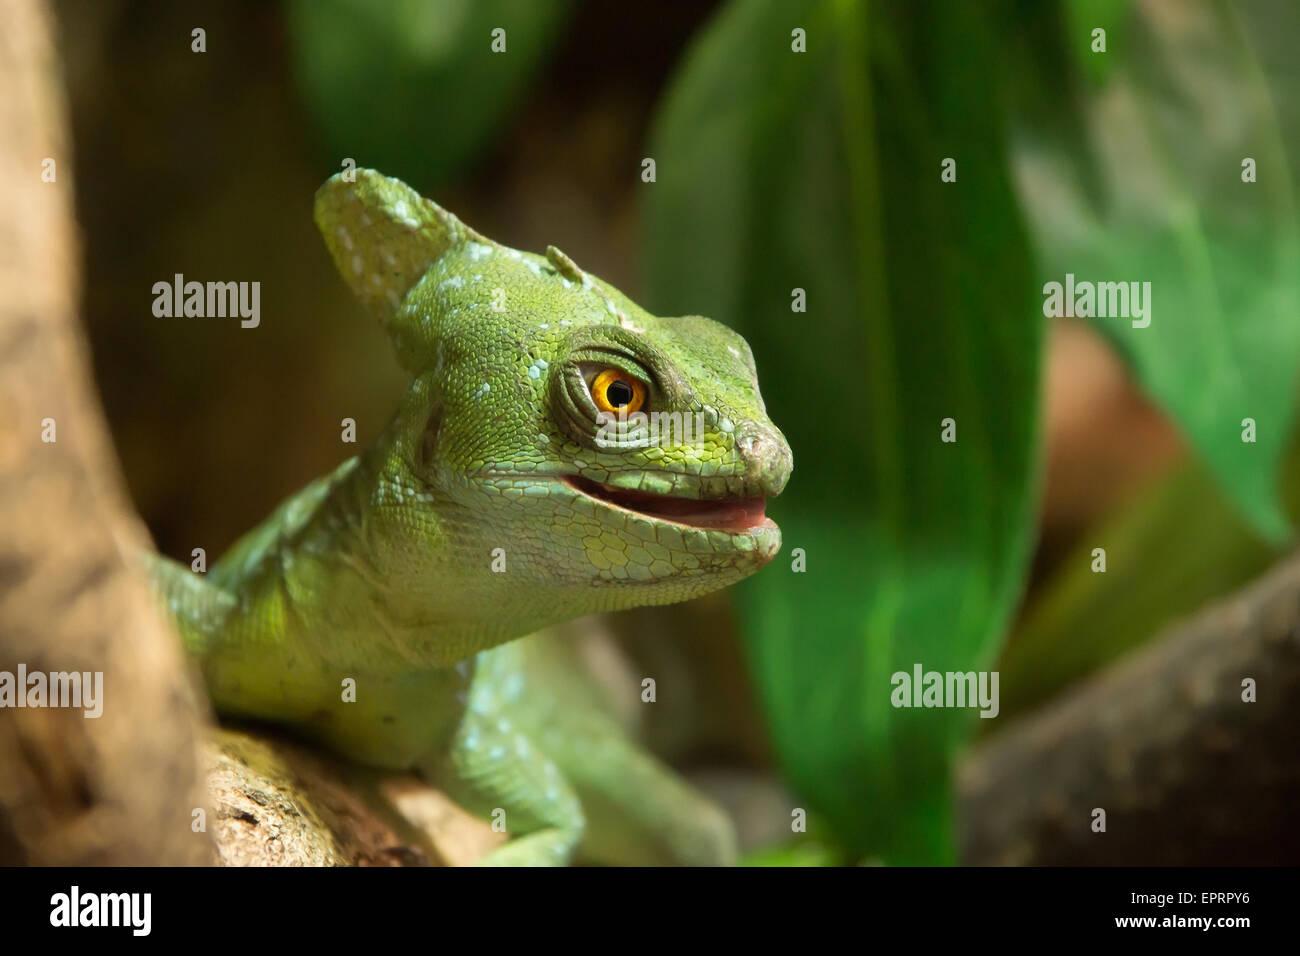 Green basilisk lizard close up ( Basiliscus plumifrons ) Stock Photo